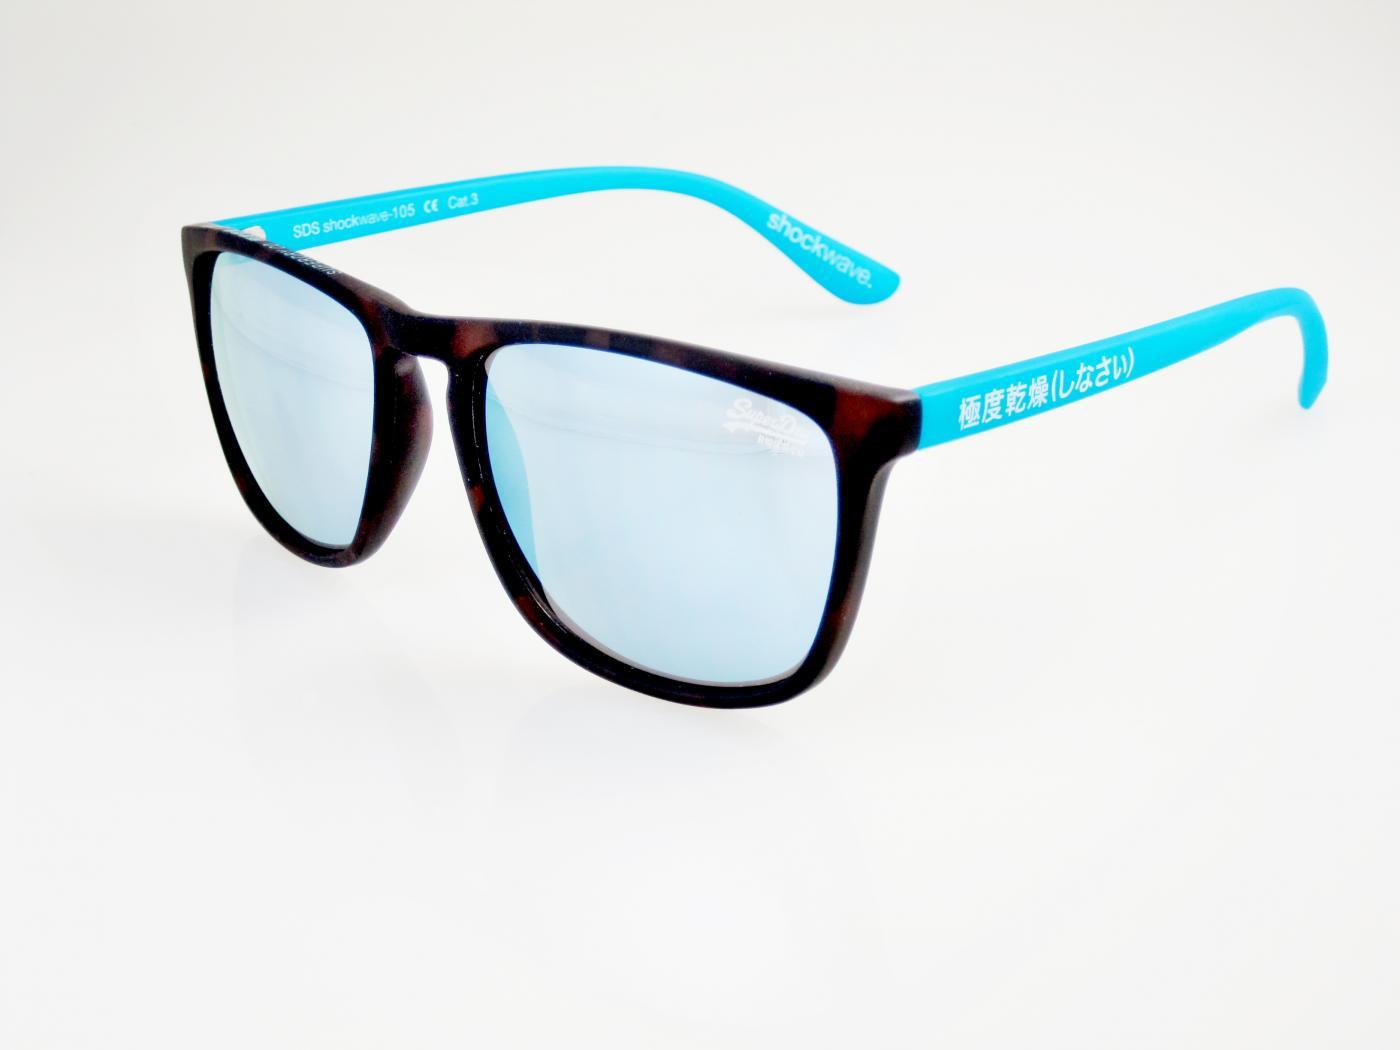 63c1af59b Unisex slnečné okuliare Superdry | oftalens.sk